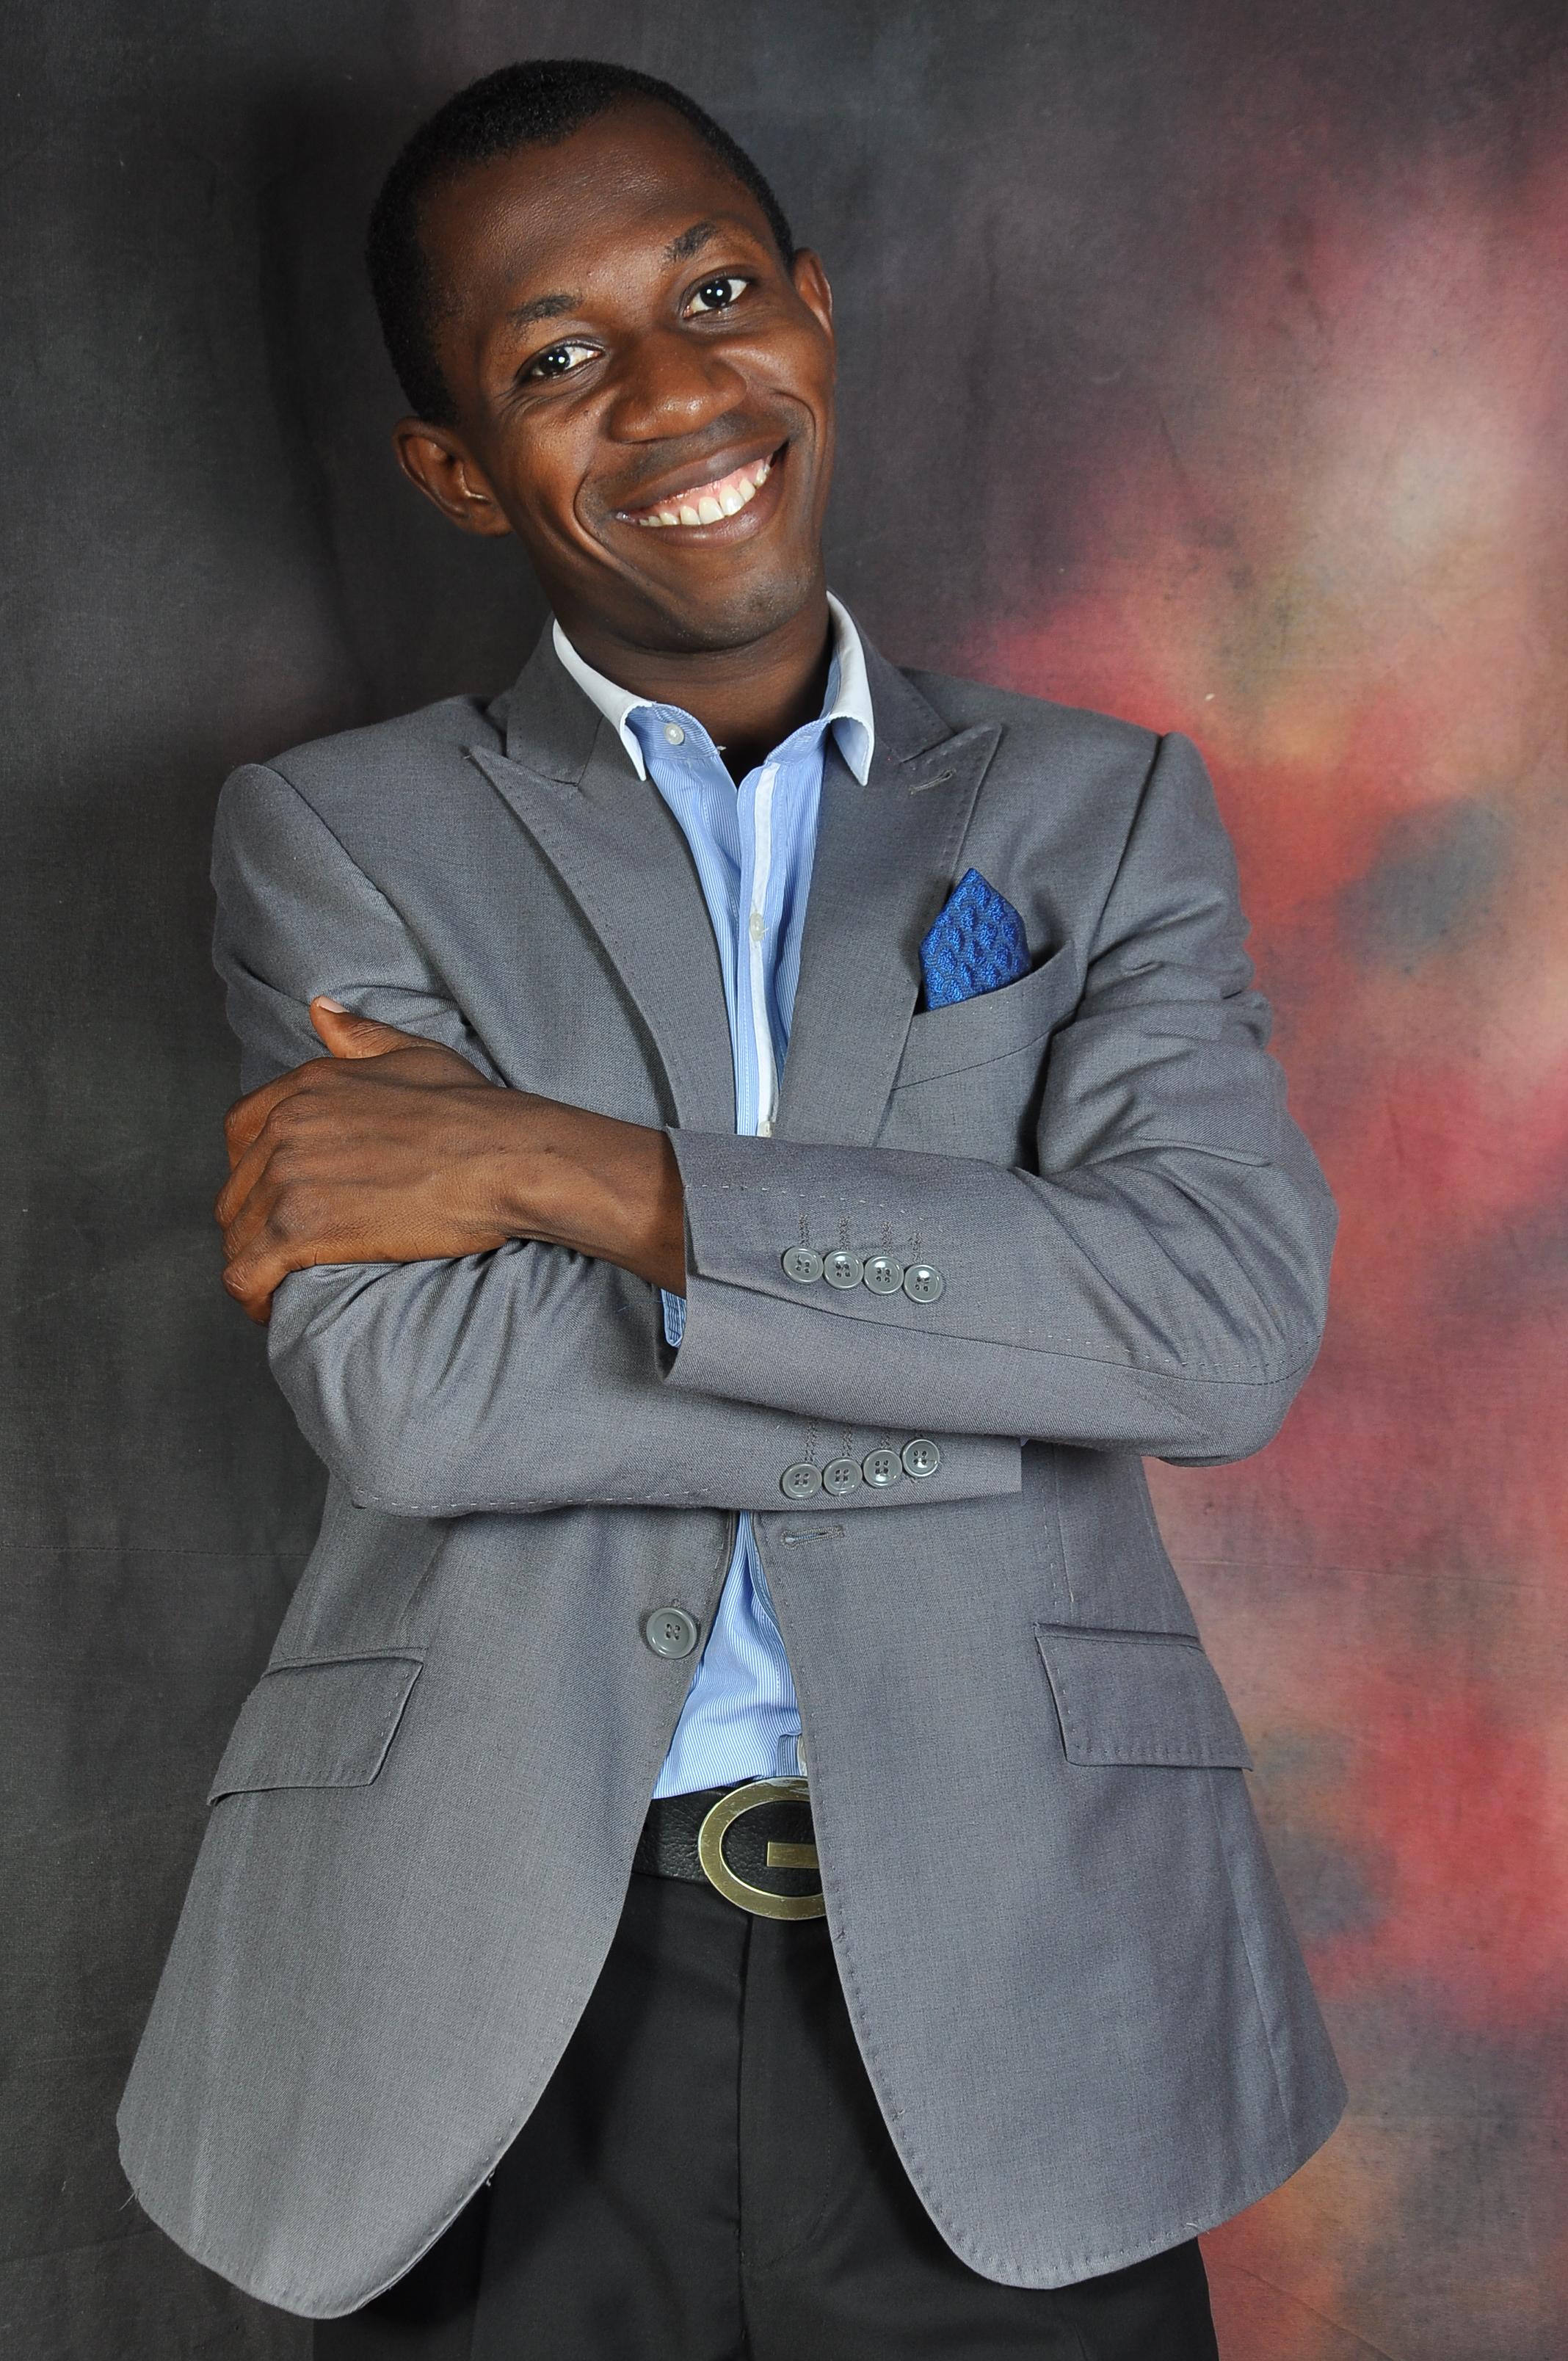 Happy Birthday Pastor Dayo. Enjoy